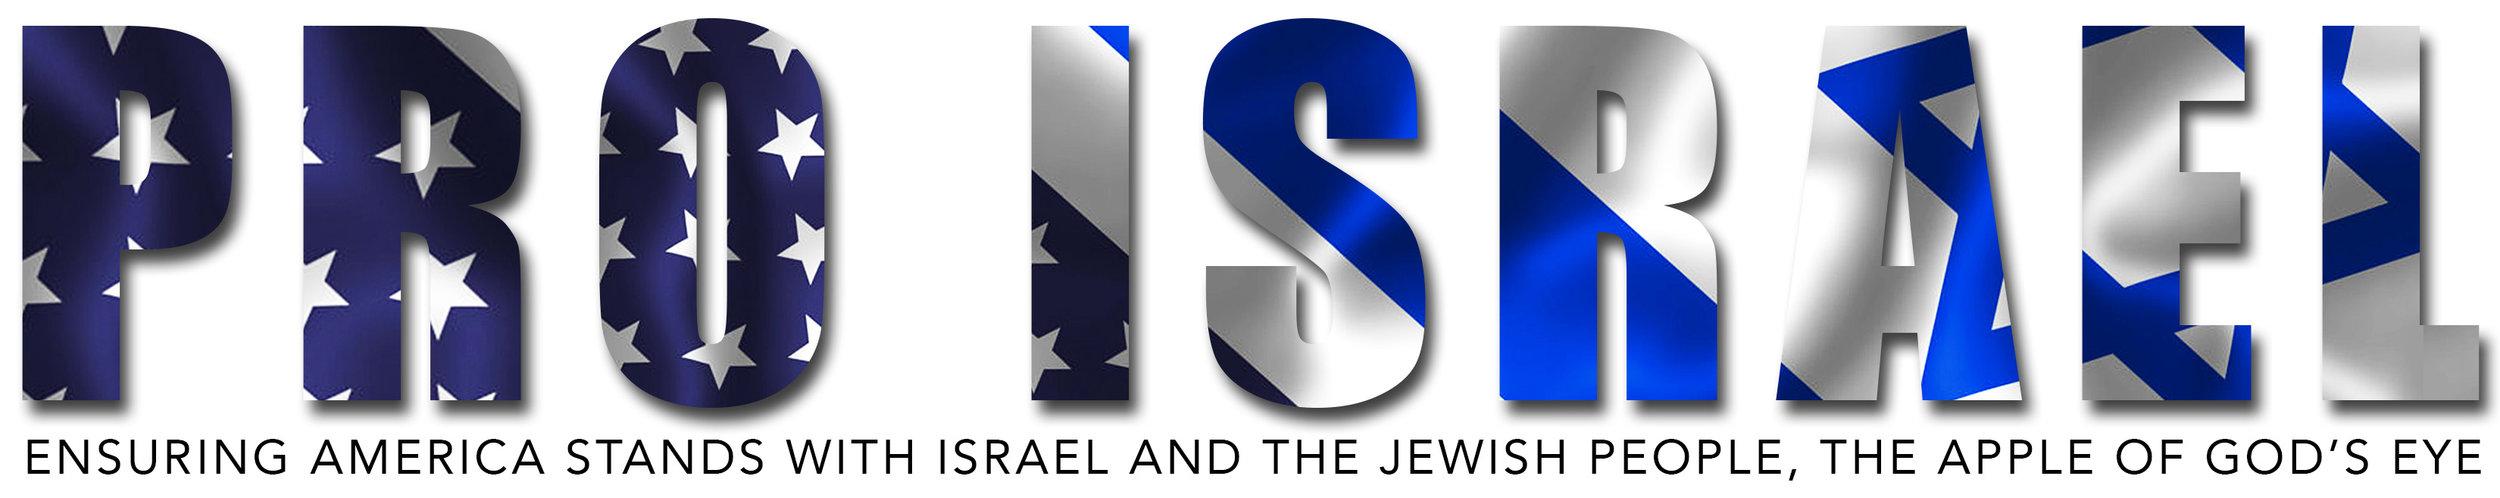 Pro Israel Title - Joshua Seedman.jpg